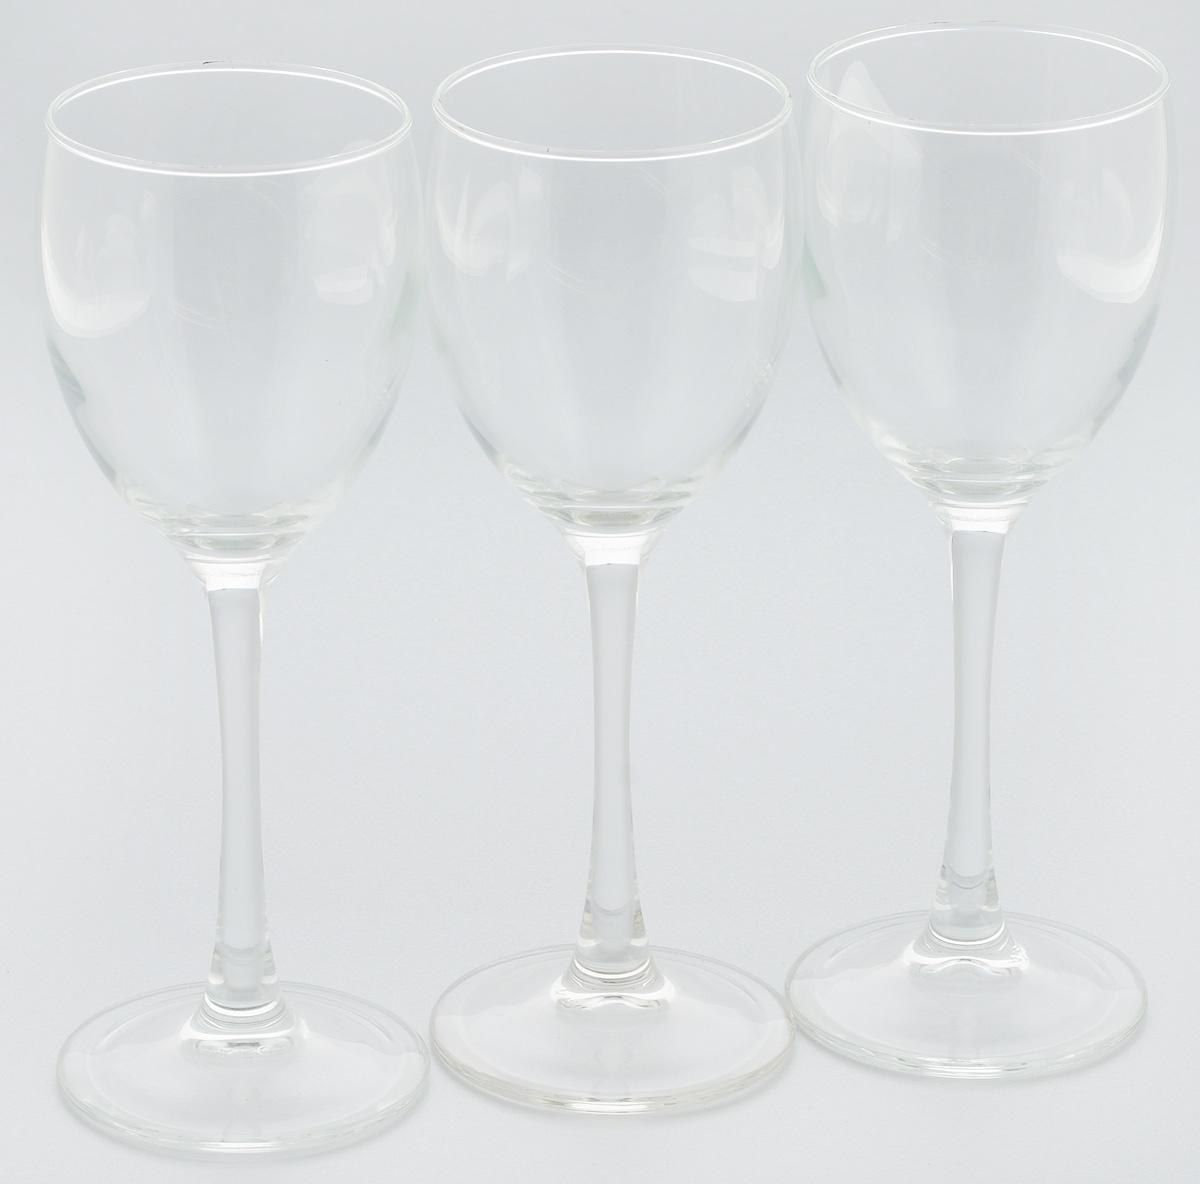 Набор бокалов Luminarc Эталон, 190 мл, 3 штJ9755Набор Luminarc Эталон состоит из 3 бокалов на высоких ножках, выполненных из высококачественного ударопрочного стекла. Изделия предназначены для подачи вина. Они излучают приятный блеск и издают мелодичный звон. Набор бокалов прекрасно оформит праздничный стол и создаст приятную атмосферу за романтическим ужином. Можно мыть в посудомоечной машине. Диаметр по верхнему краю: 6,5 см. Высота бокала: 18,5 см.